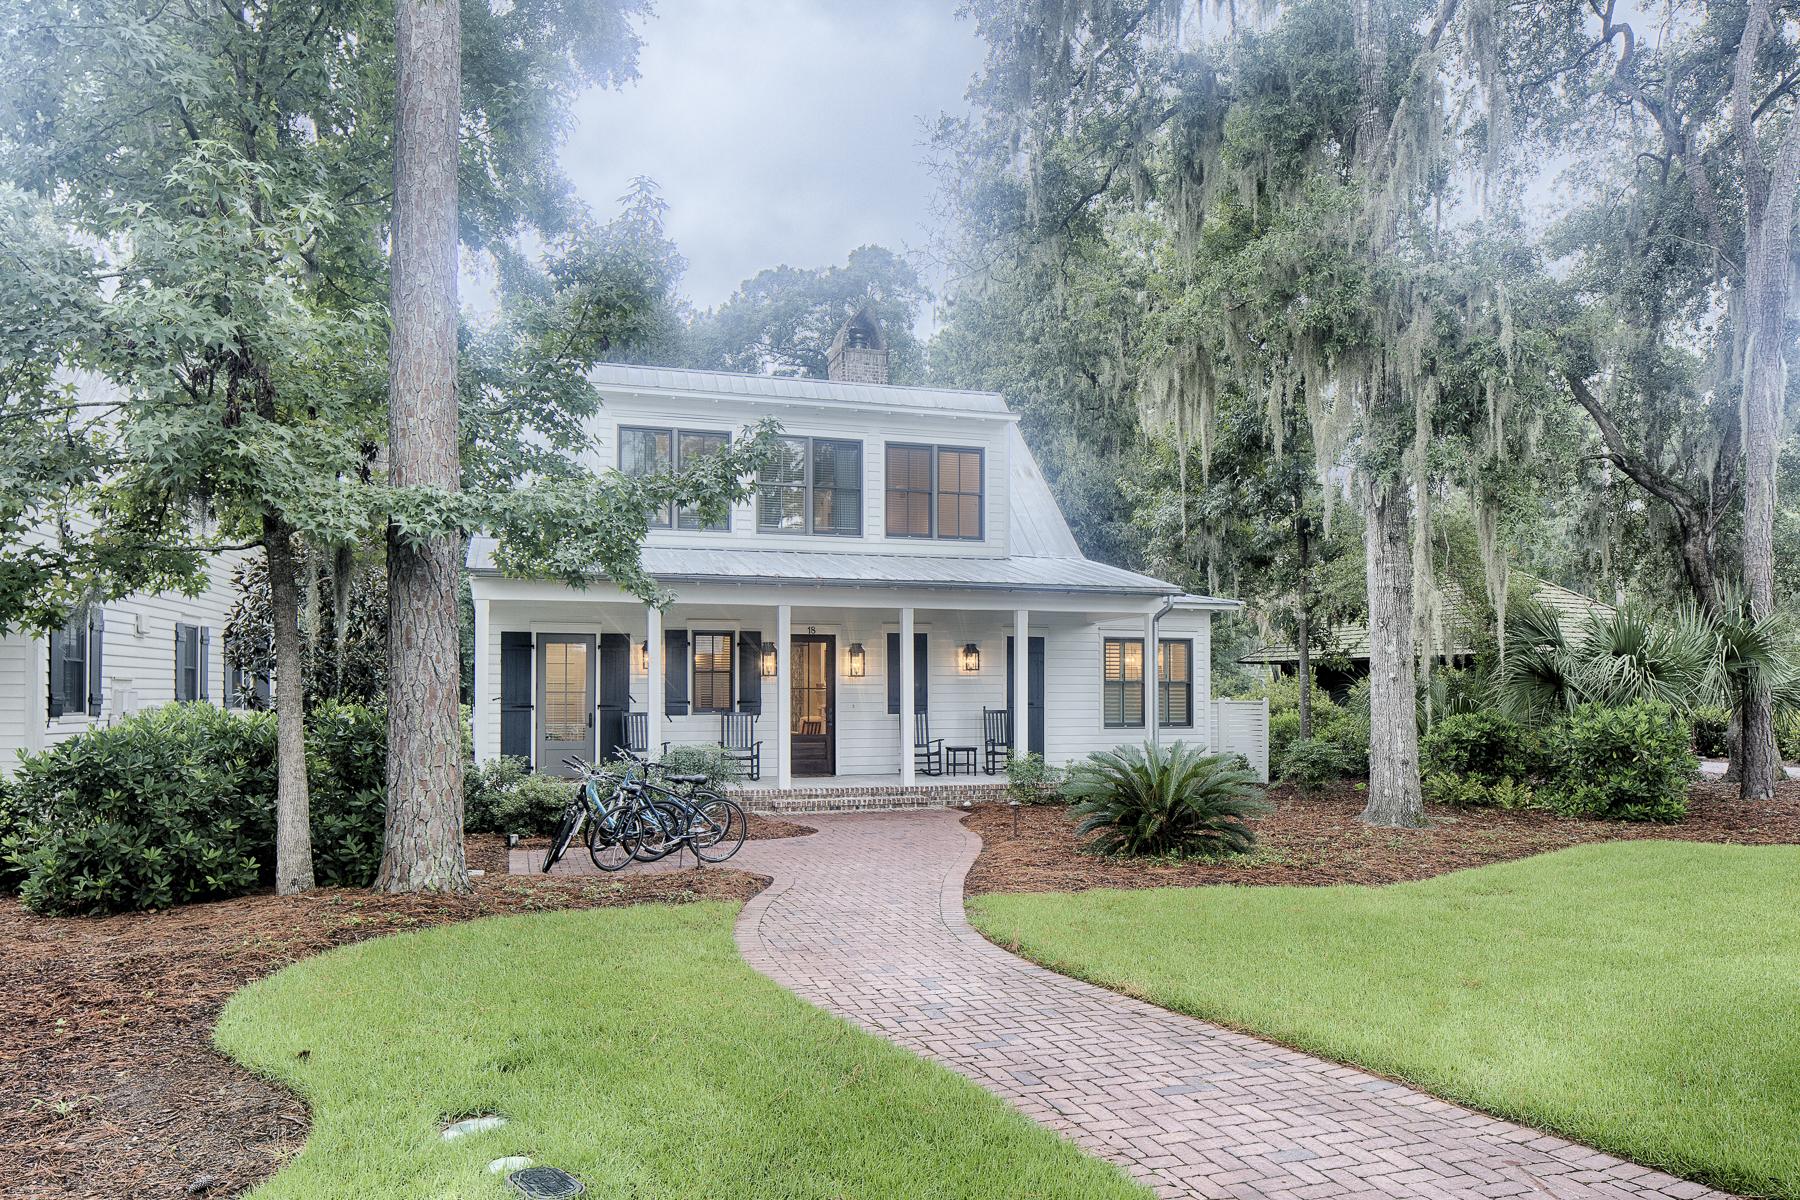 Casa para uma família para Venda às Palmetto Bluff 18 Westerwald Street Palmetto Bluff, Bluffton, Carolina Do Sul, 29910 Estados Unidos